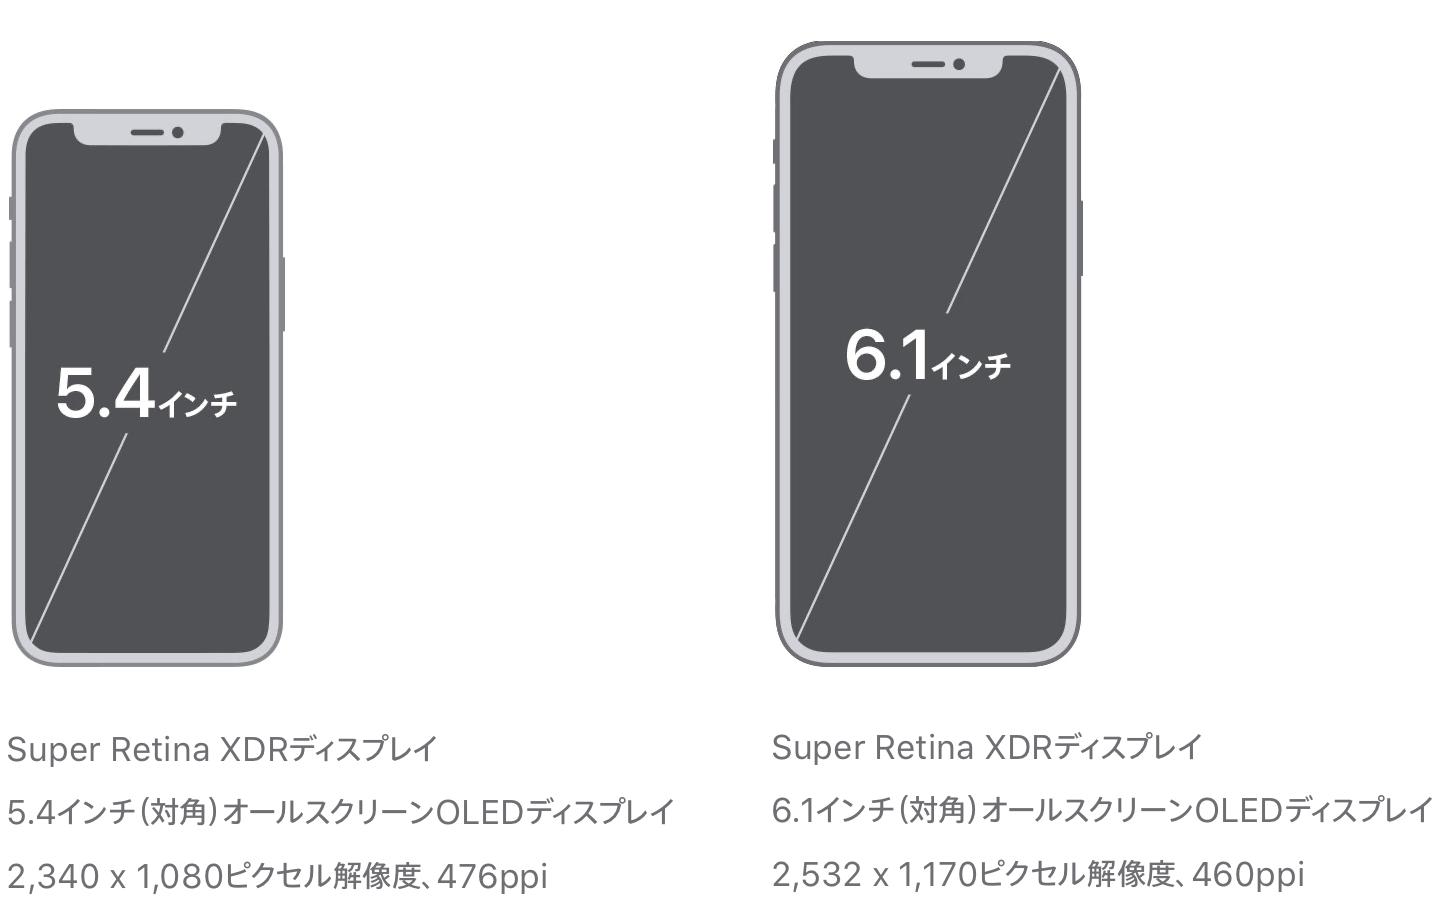 みなさんiPhone12mini購入しますか?